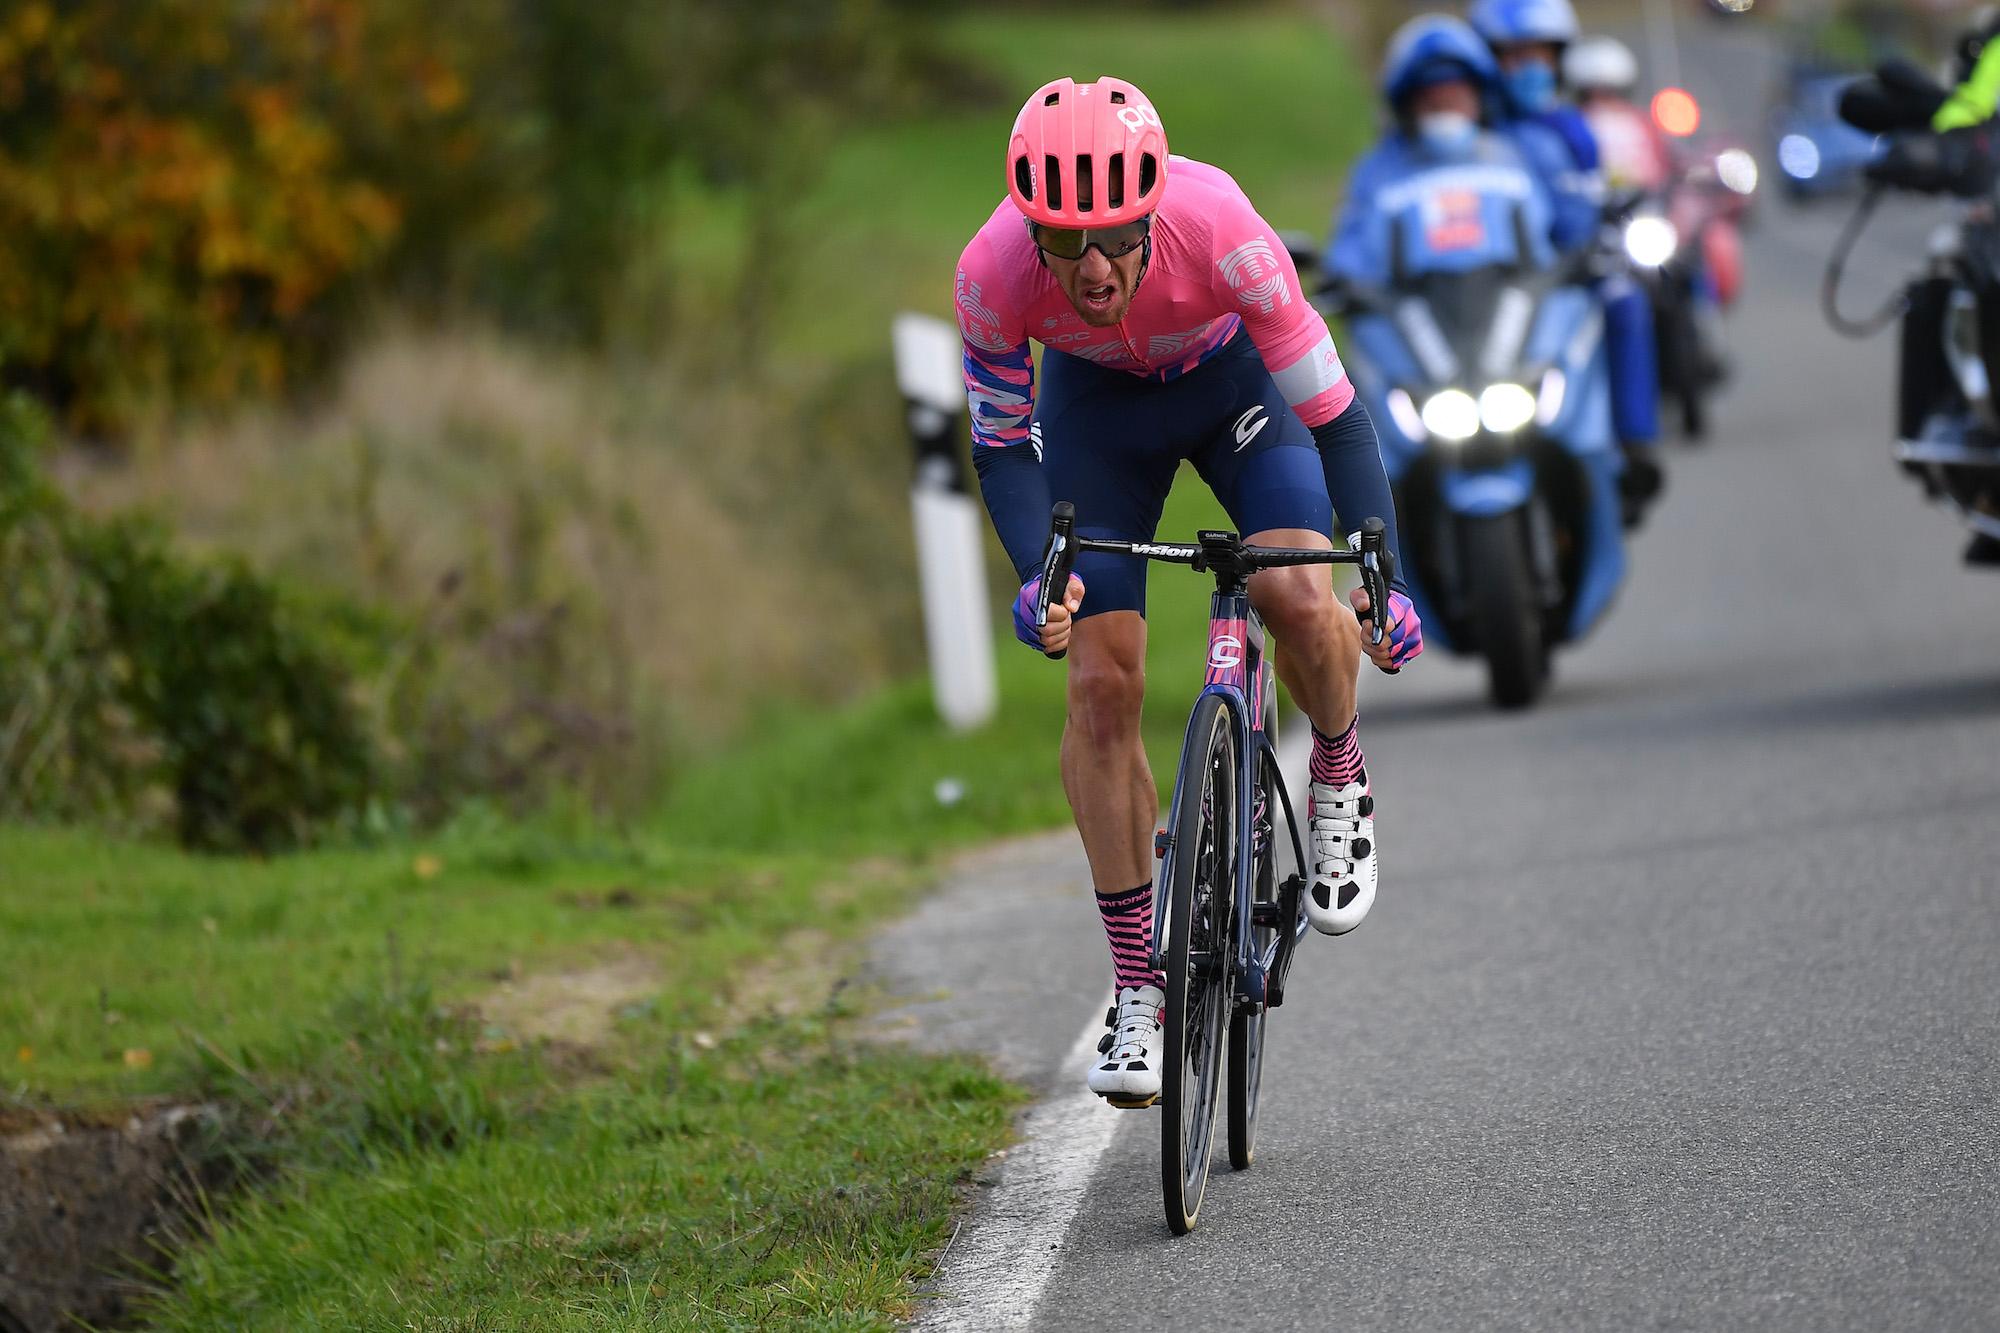 Fünf Gesprächsthemen aus der siebten Etappe der Vuelta a España 2020